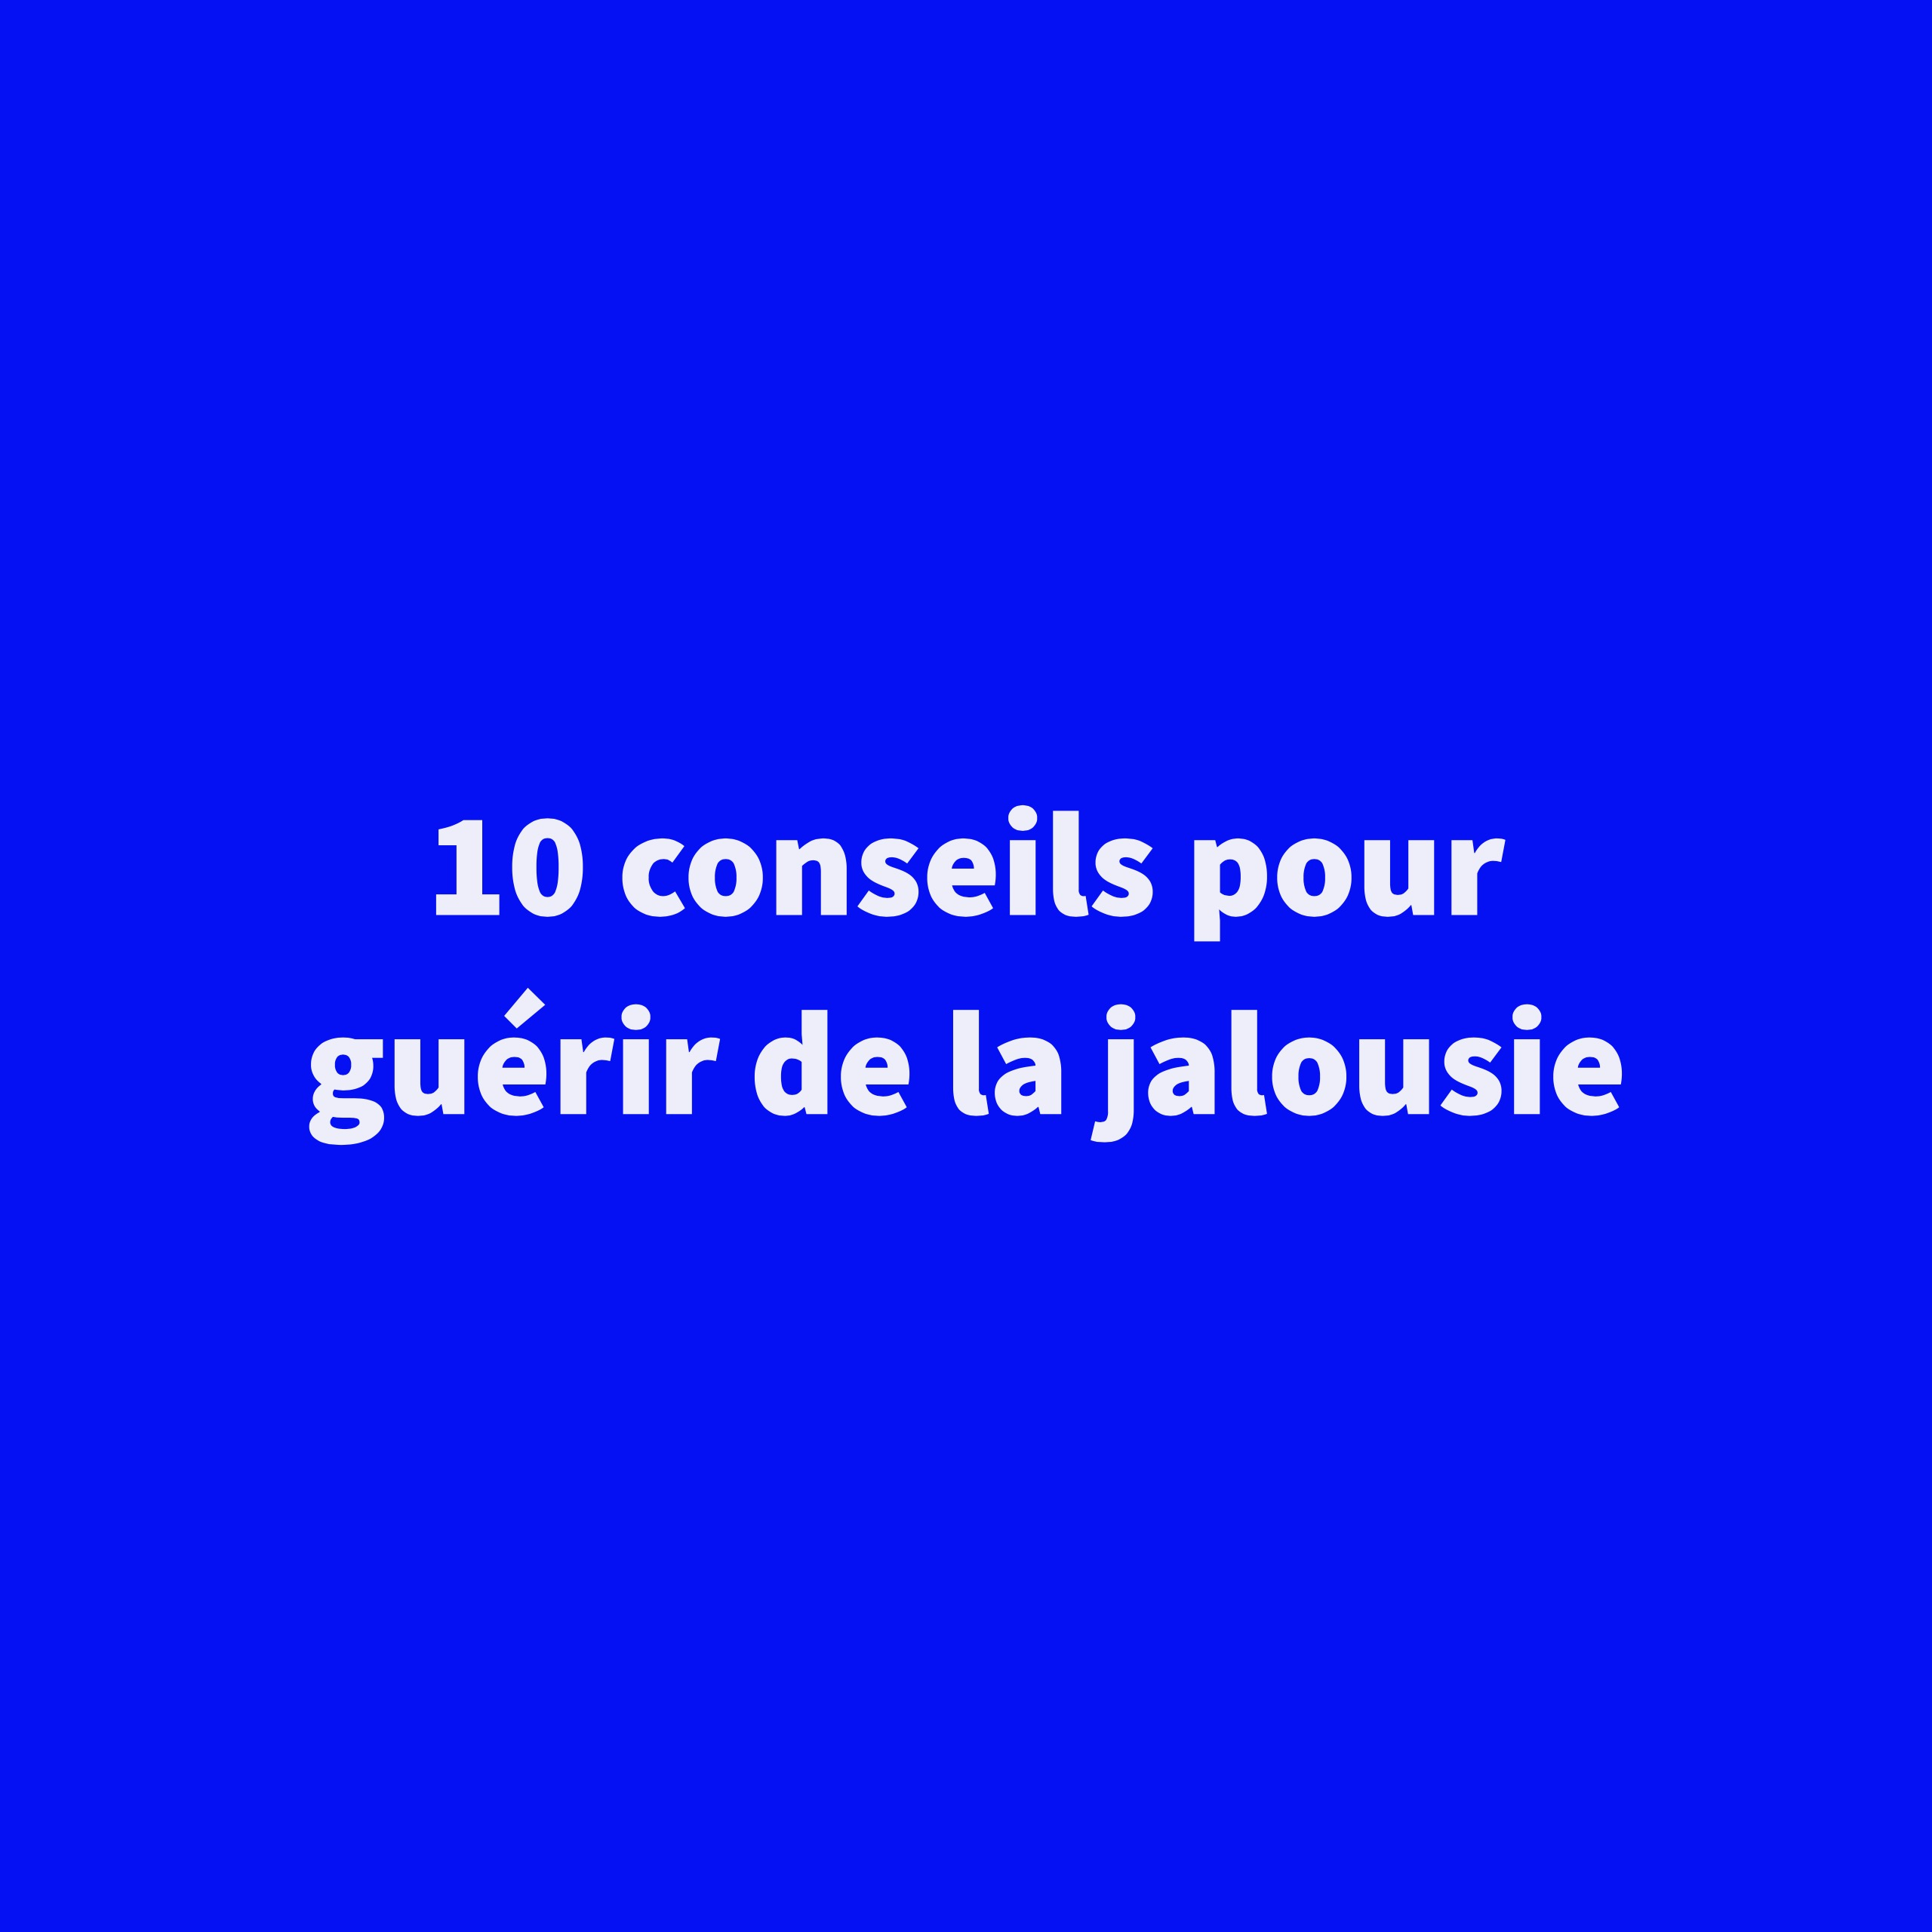 10-conseils-pour-guérir-de-la-jalousie-s.jpg